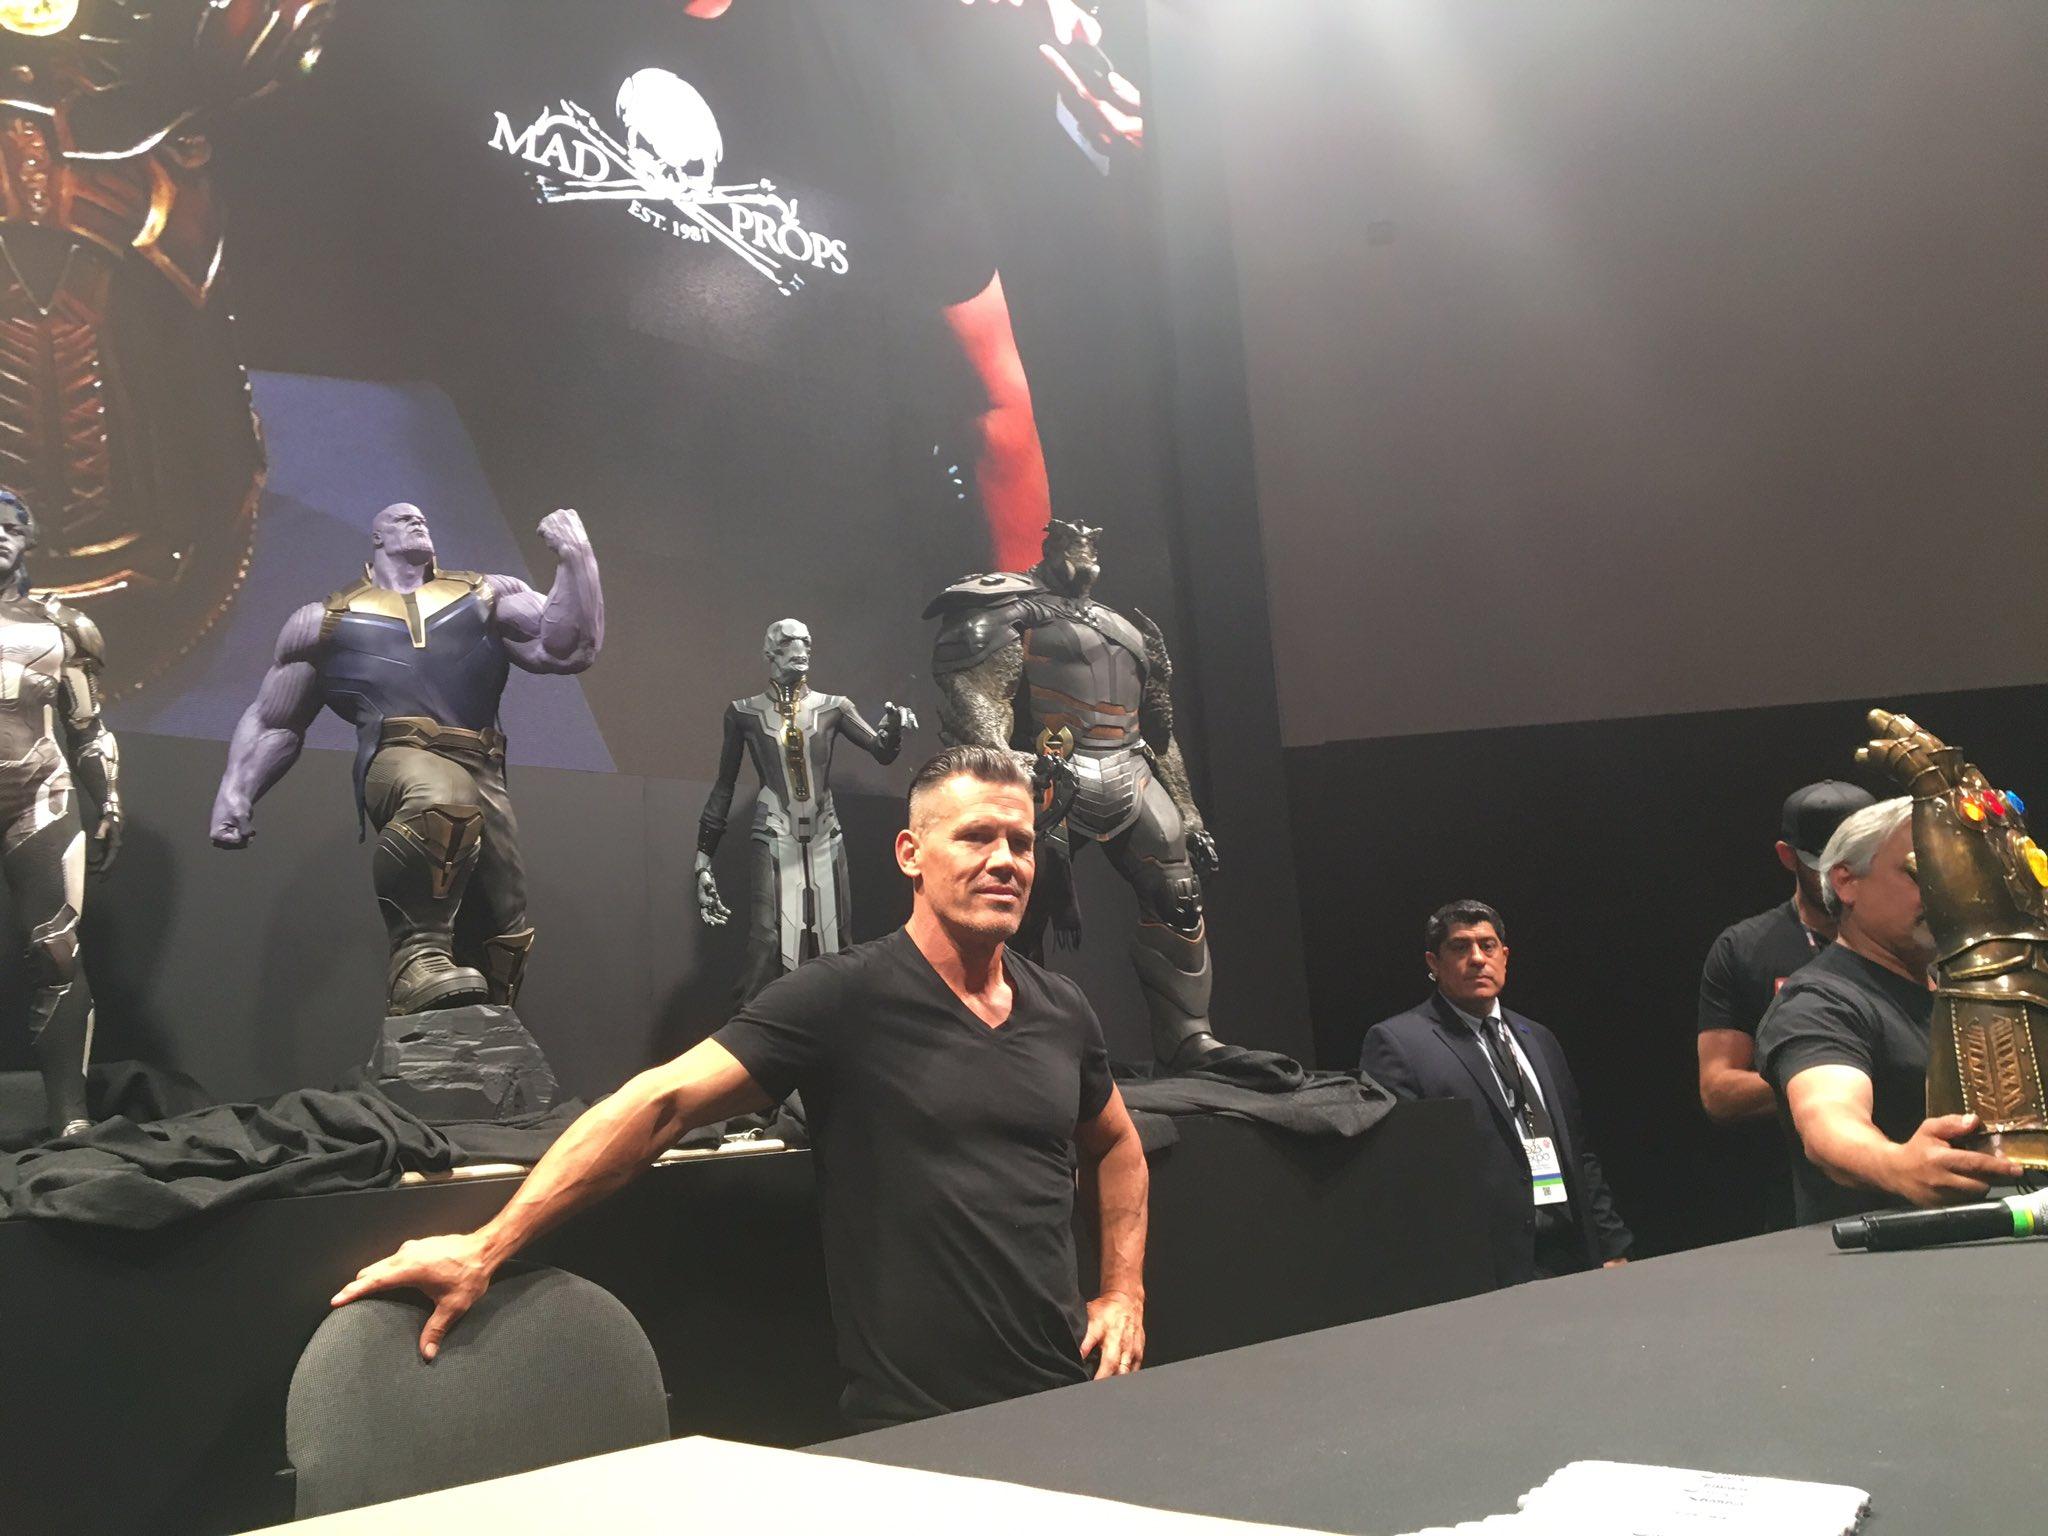 The children of Thanos revealed! And Josh Brolin himself is here. �� #AvengersInfinityWar #D23Expo https://t.co/gKkwhLIGEw